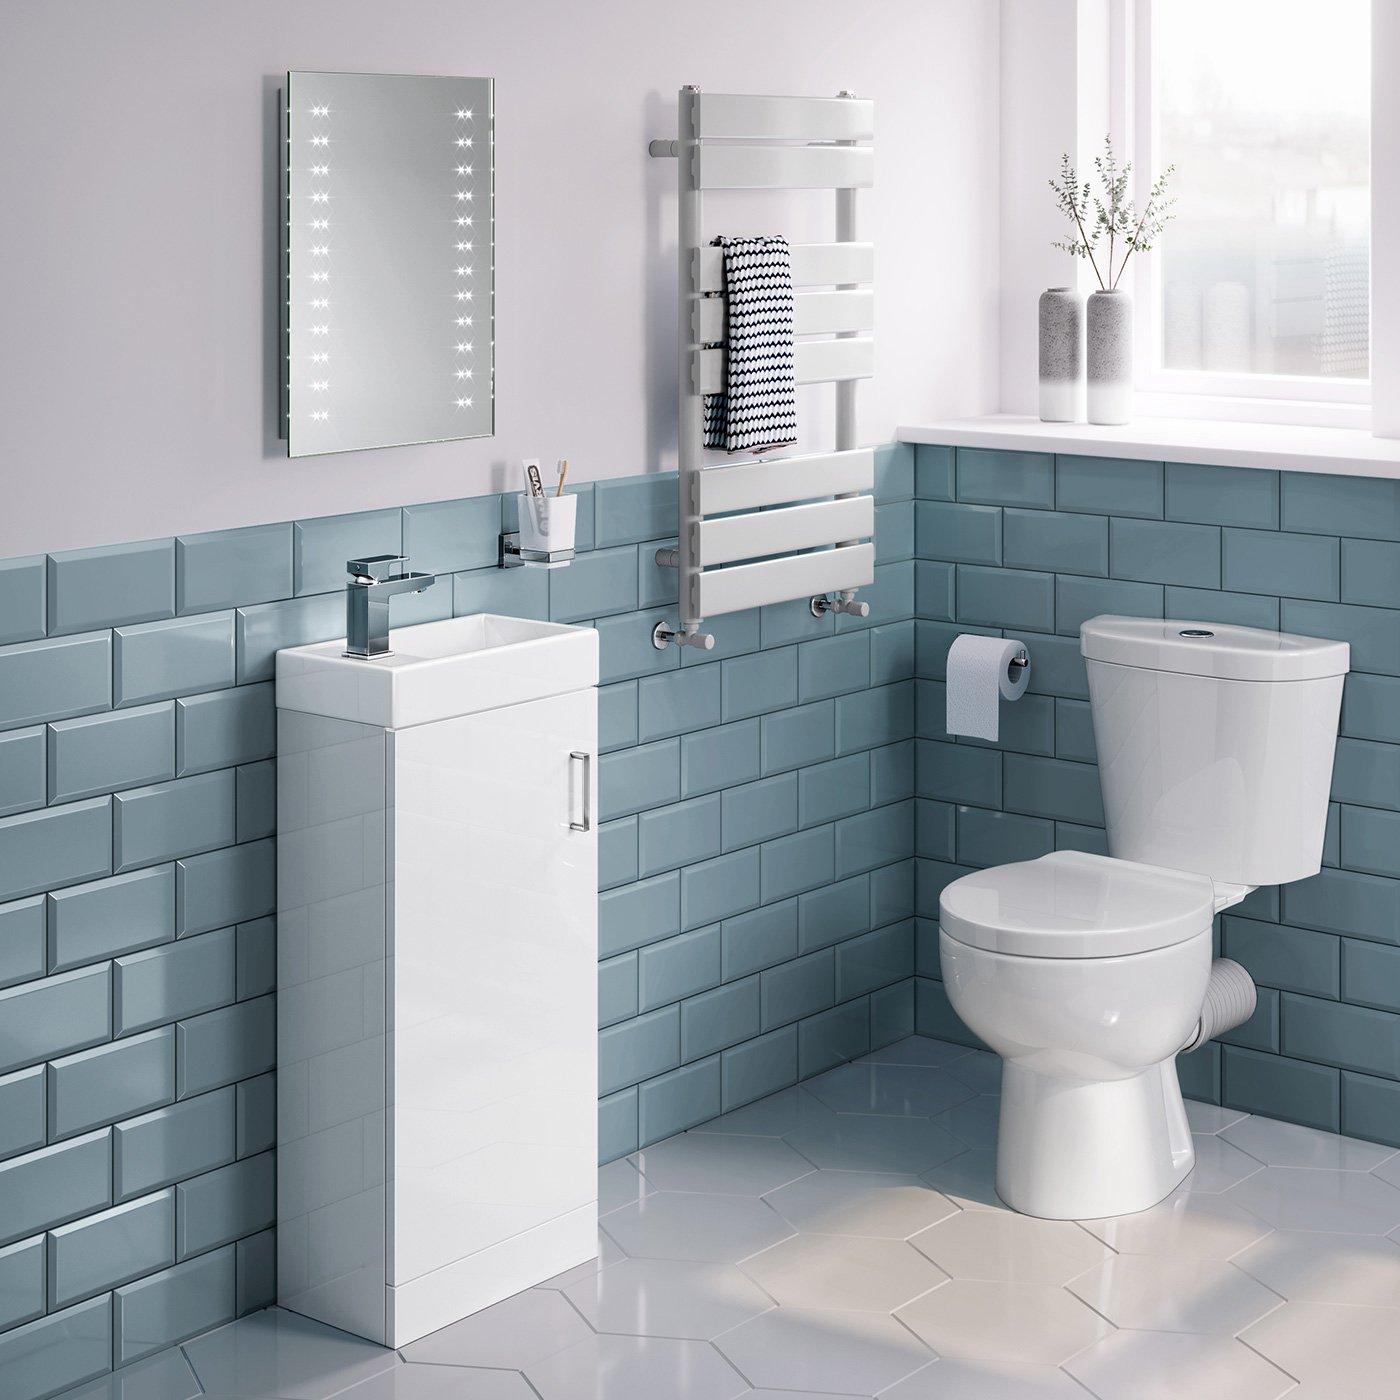 Soak Flacher Led-badspiegel 39... Eleganter Lichtspiegel Für Das Badezimmer